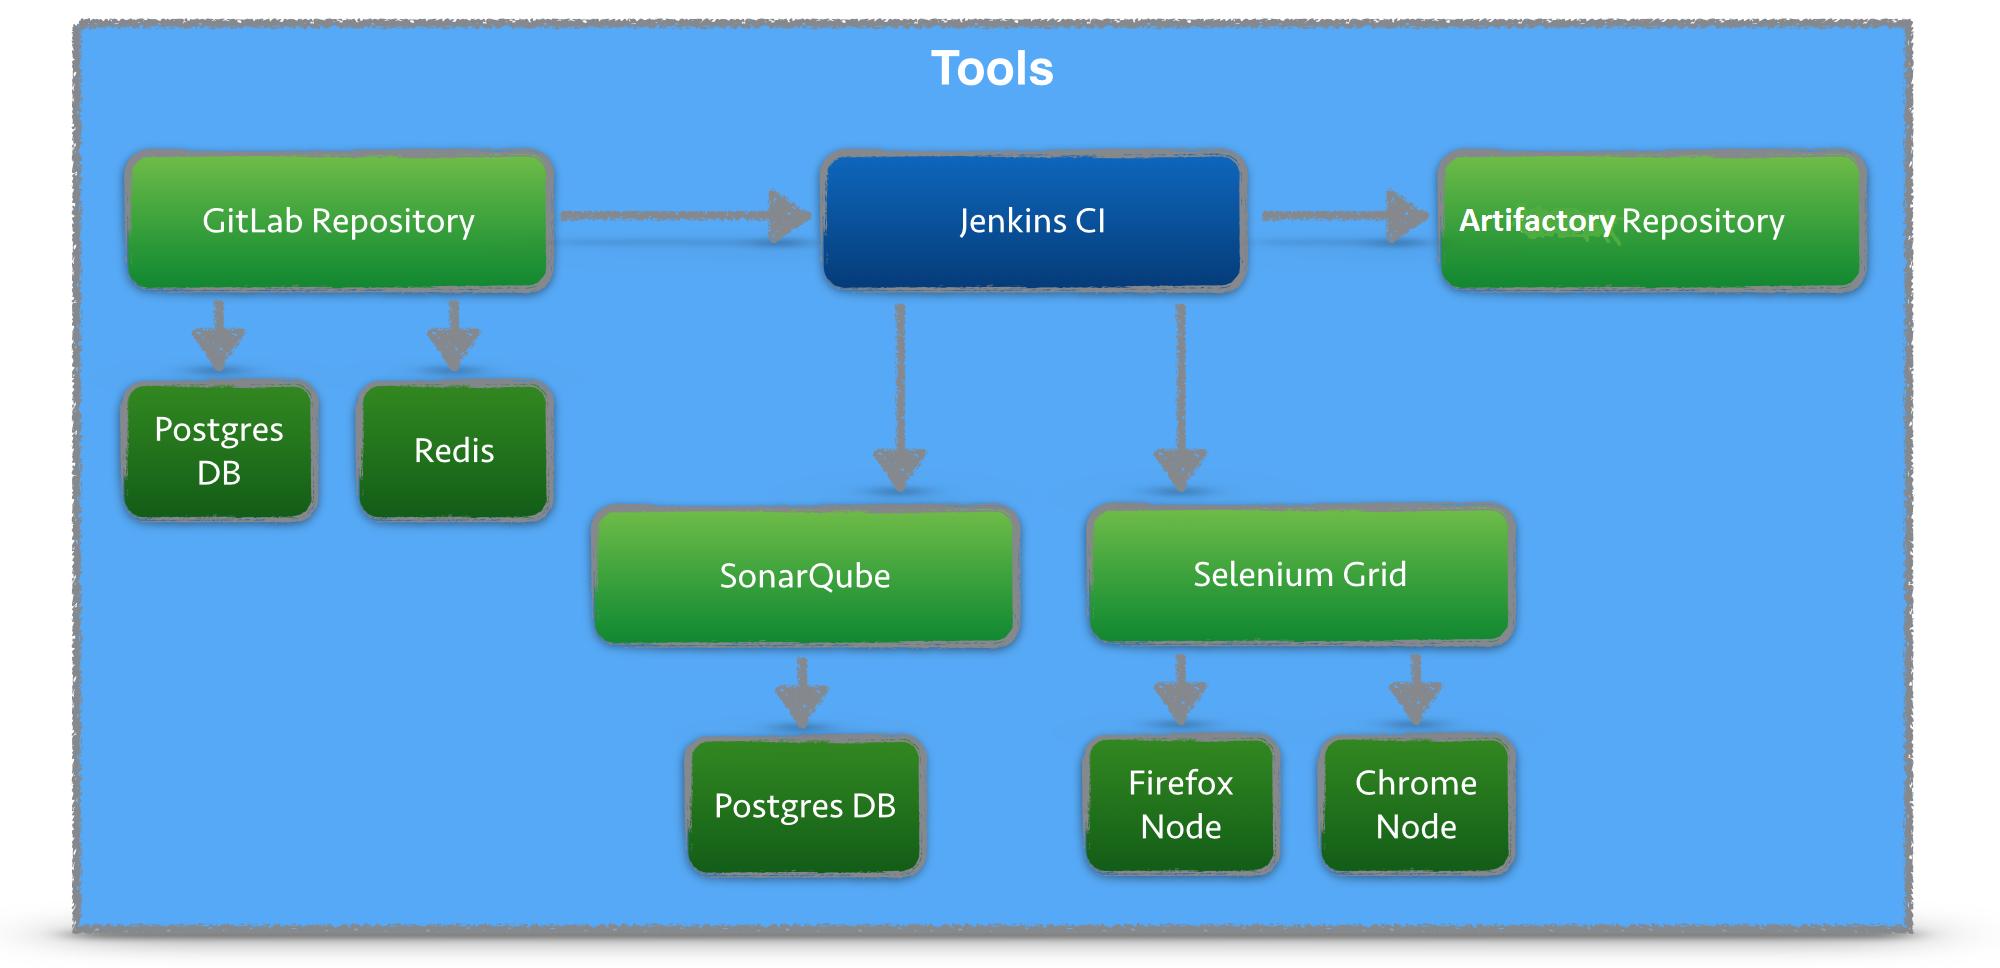 Cd-tool-stack by amesken